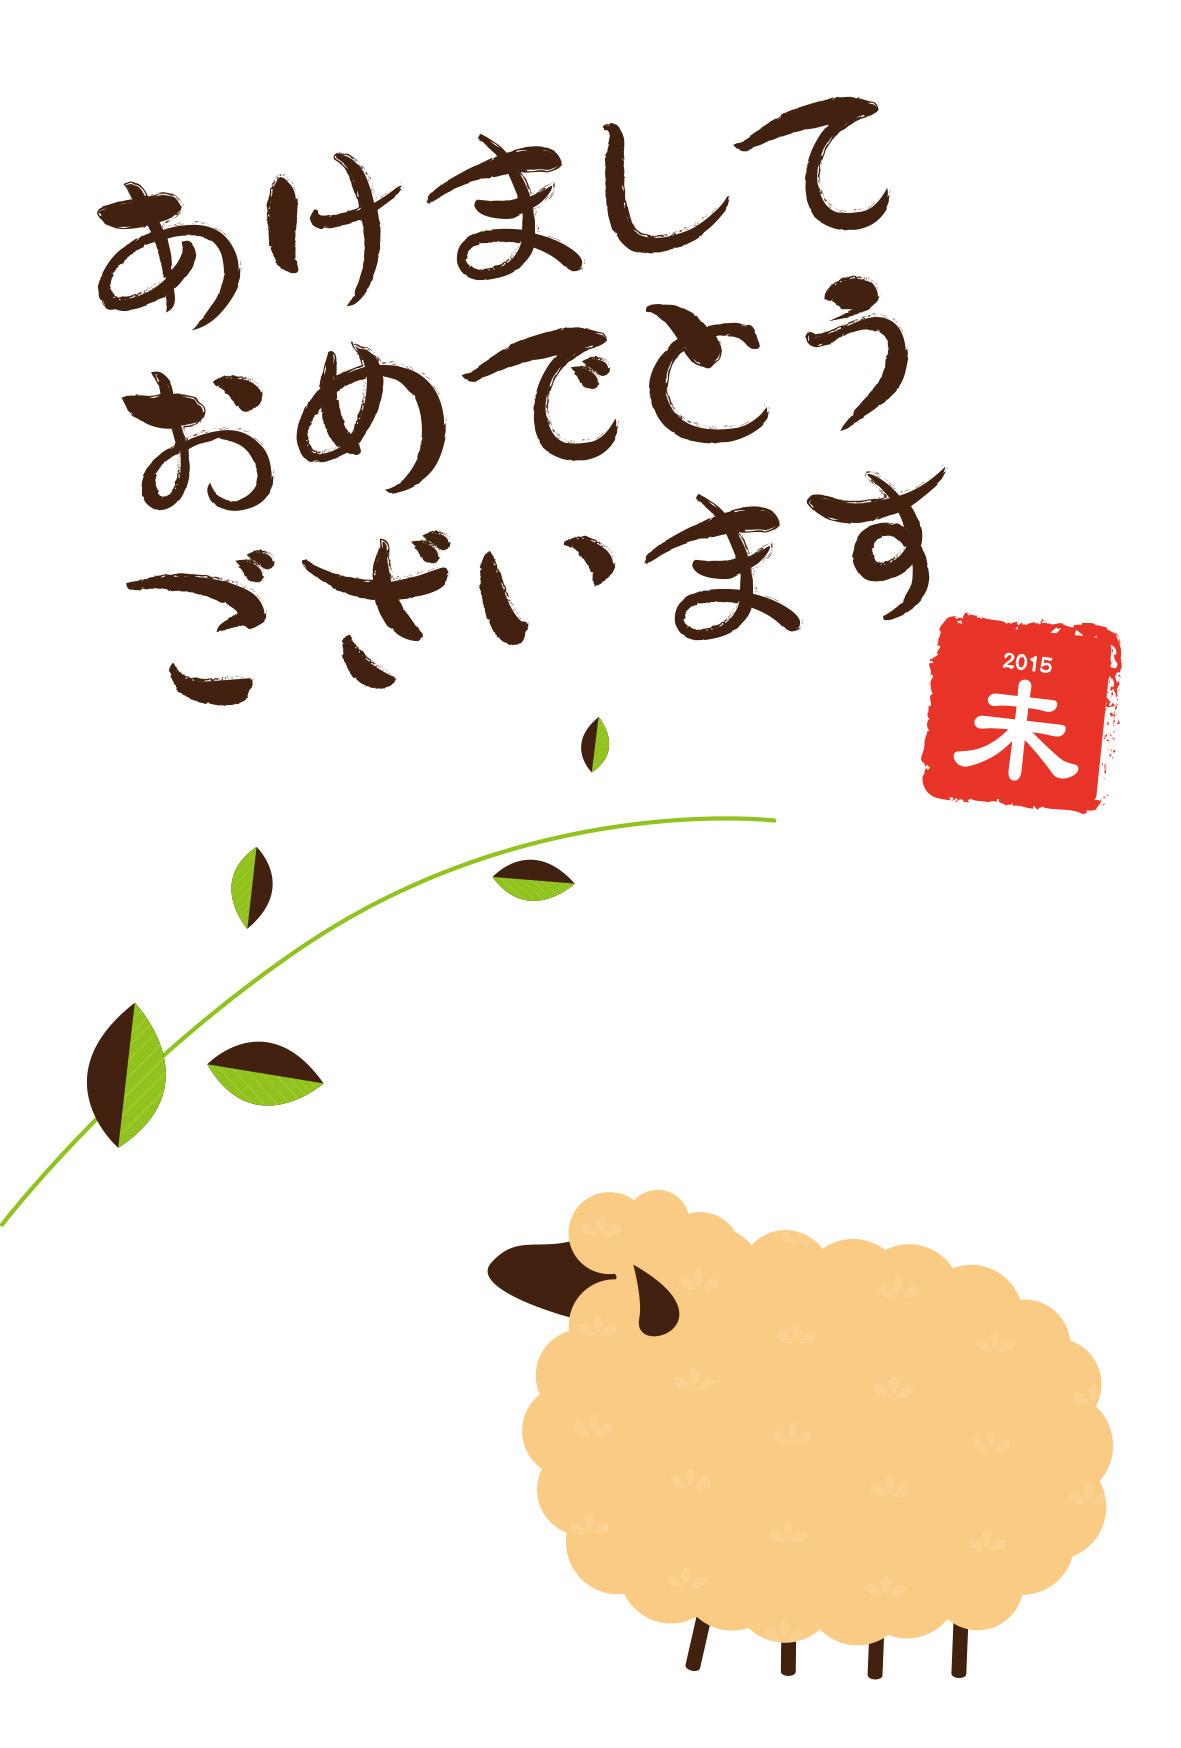 葉っぱと羊 縦ver 年賀状15無料イラスト素材集